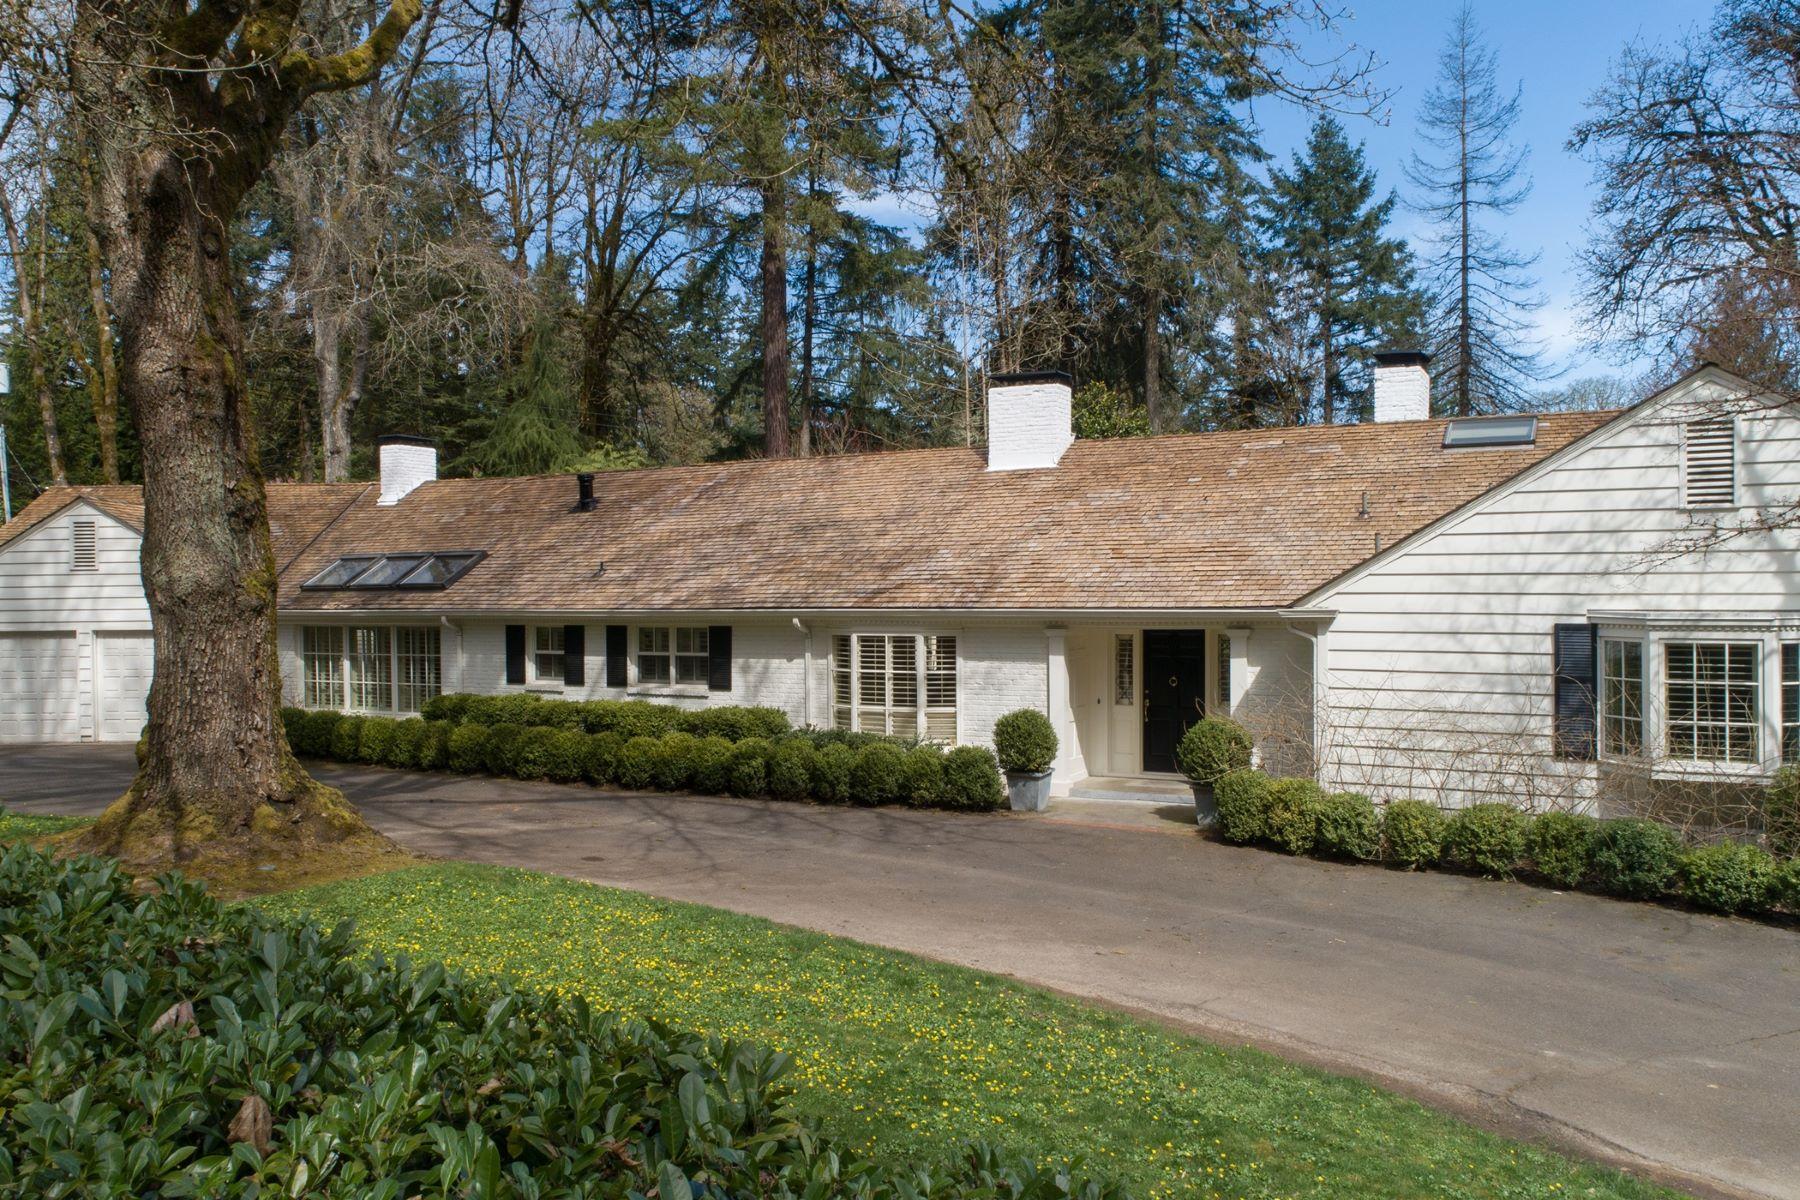 Other Residential Homes για την Πώληση στο 01610 SW MARY FAILING DR Portland, OR 97219 01610 Mary Failing Drive, Portland, Ορεγκον 97219 Ηνωμένες Πολιτείες